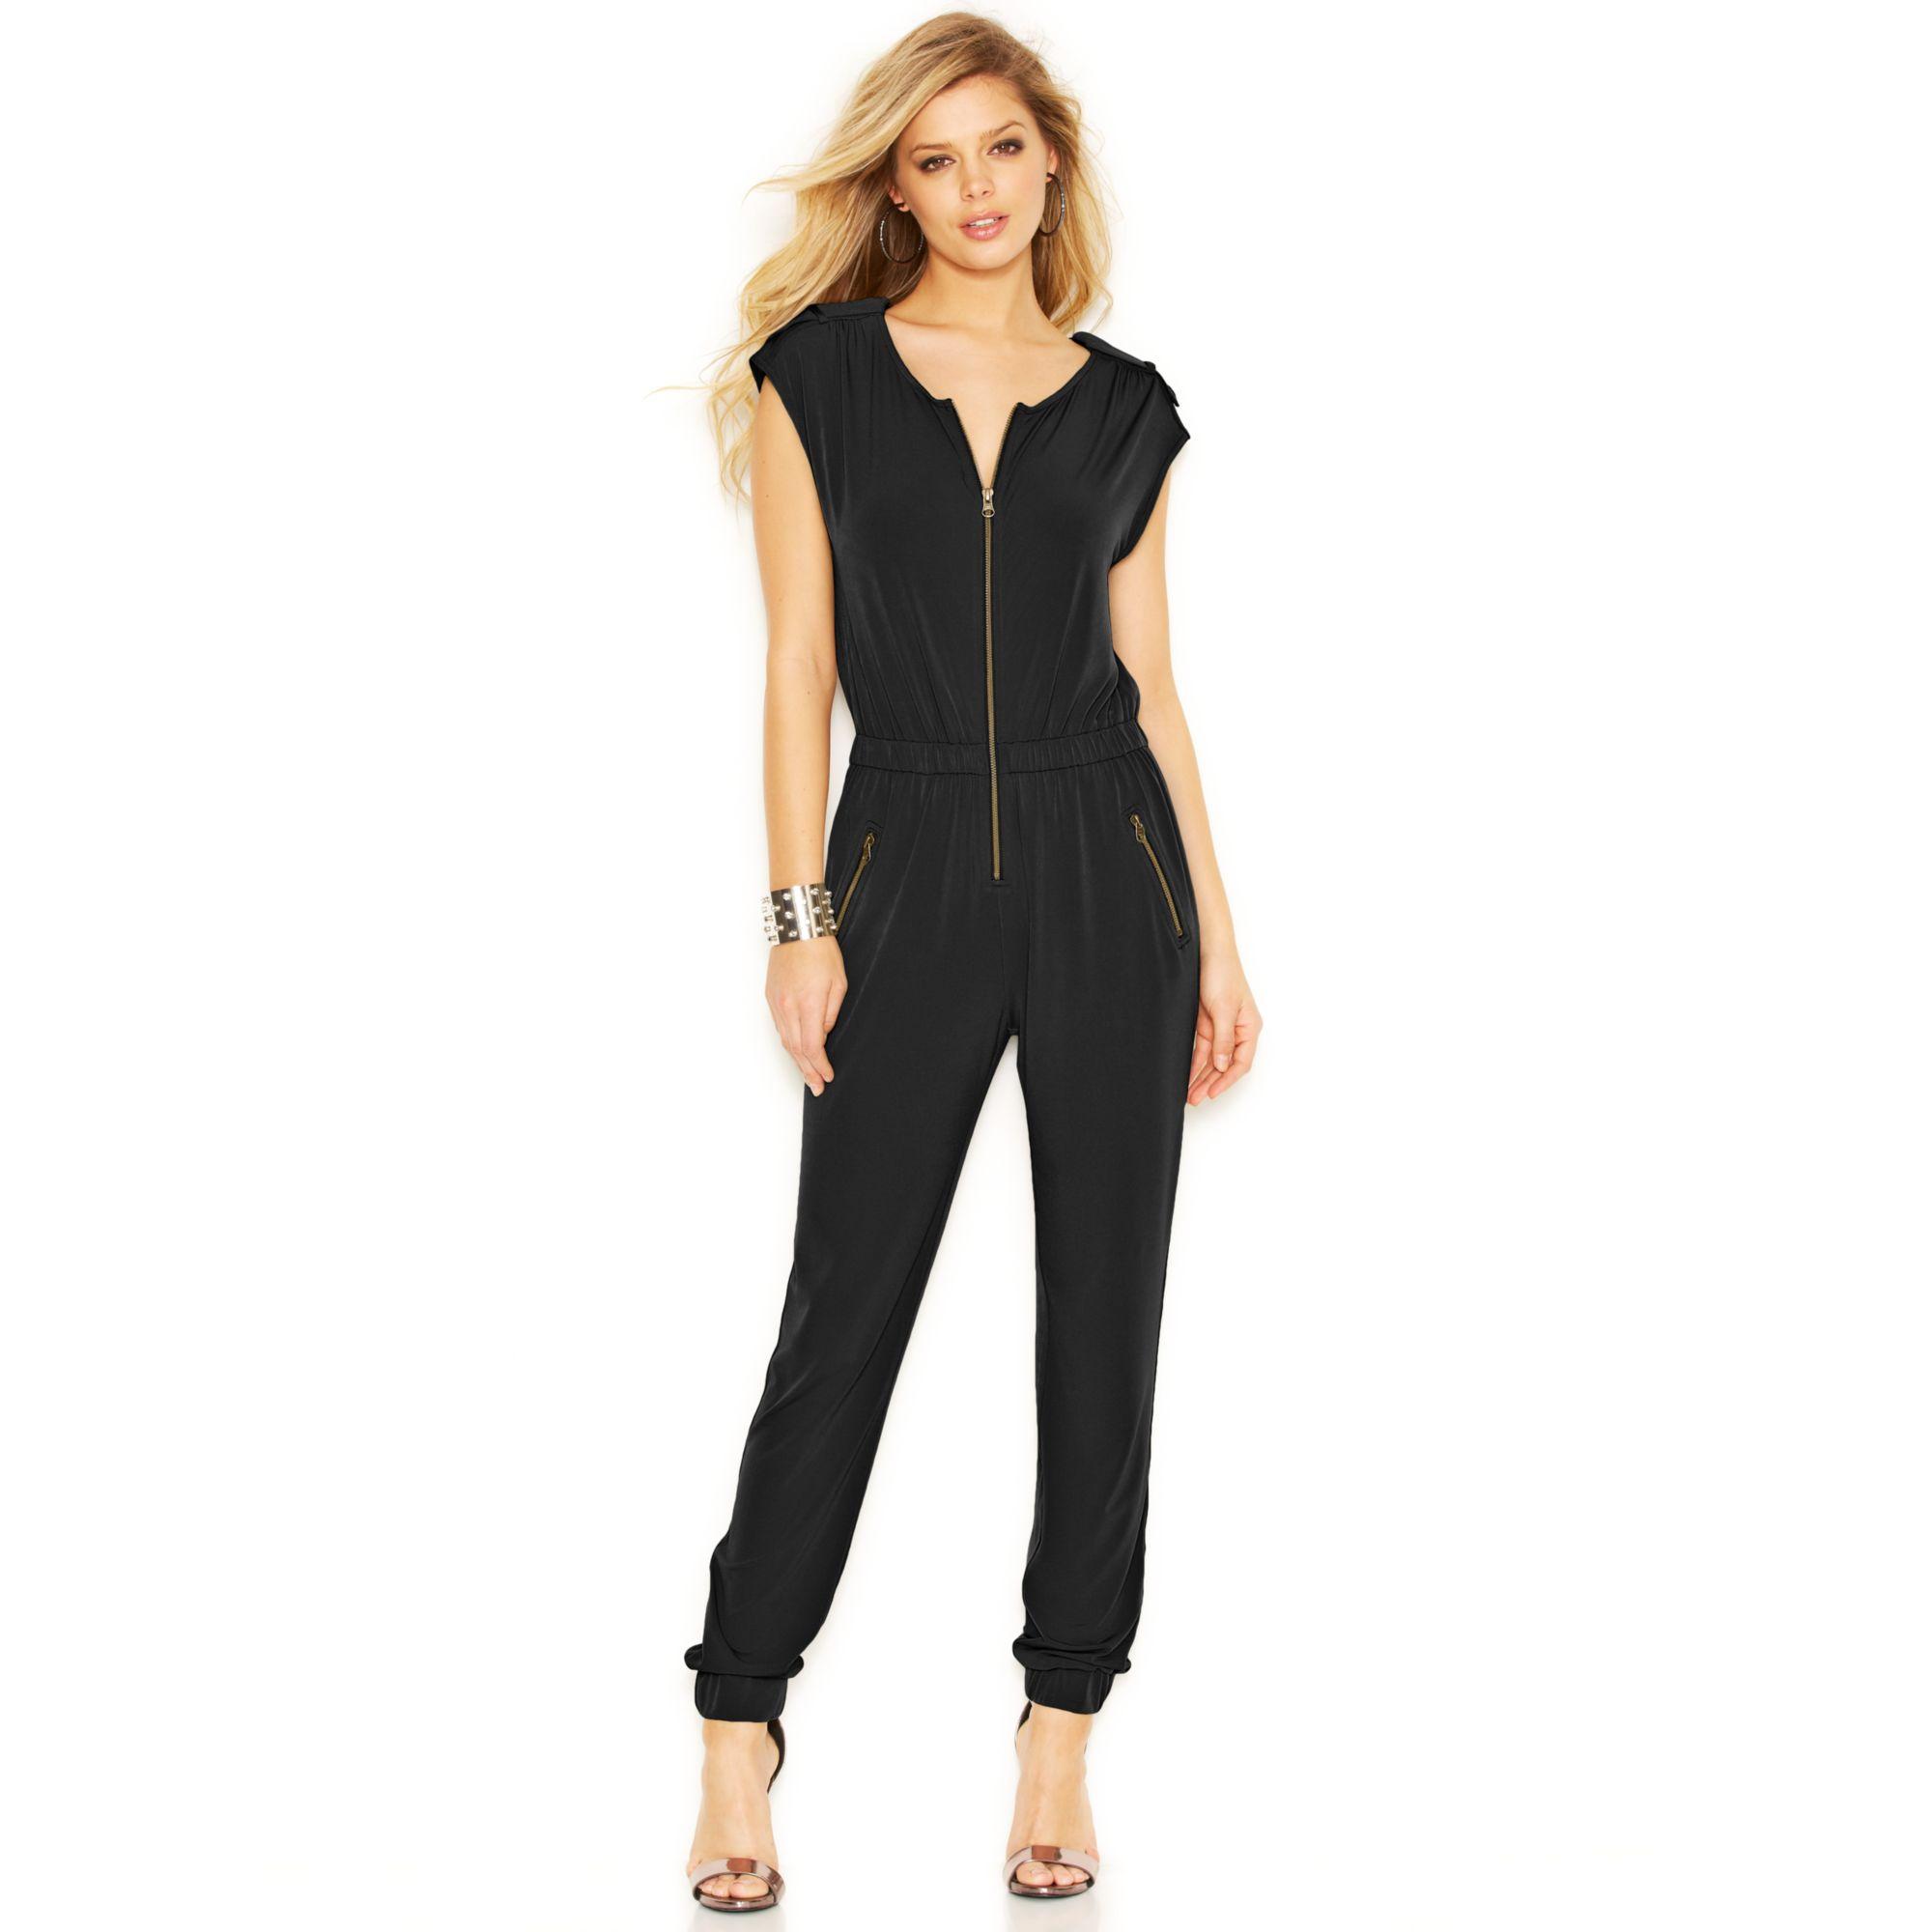 Guess Zipper Jumpsuit In Black Lyst